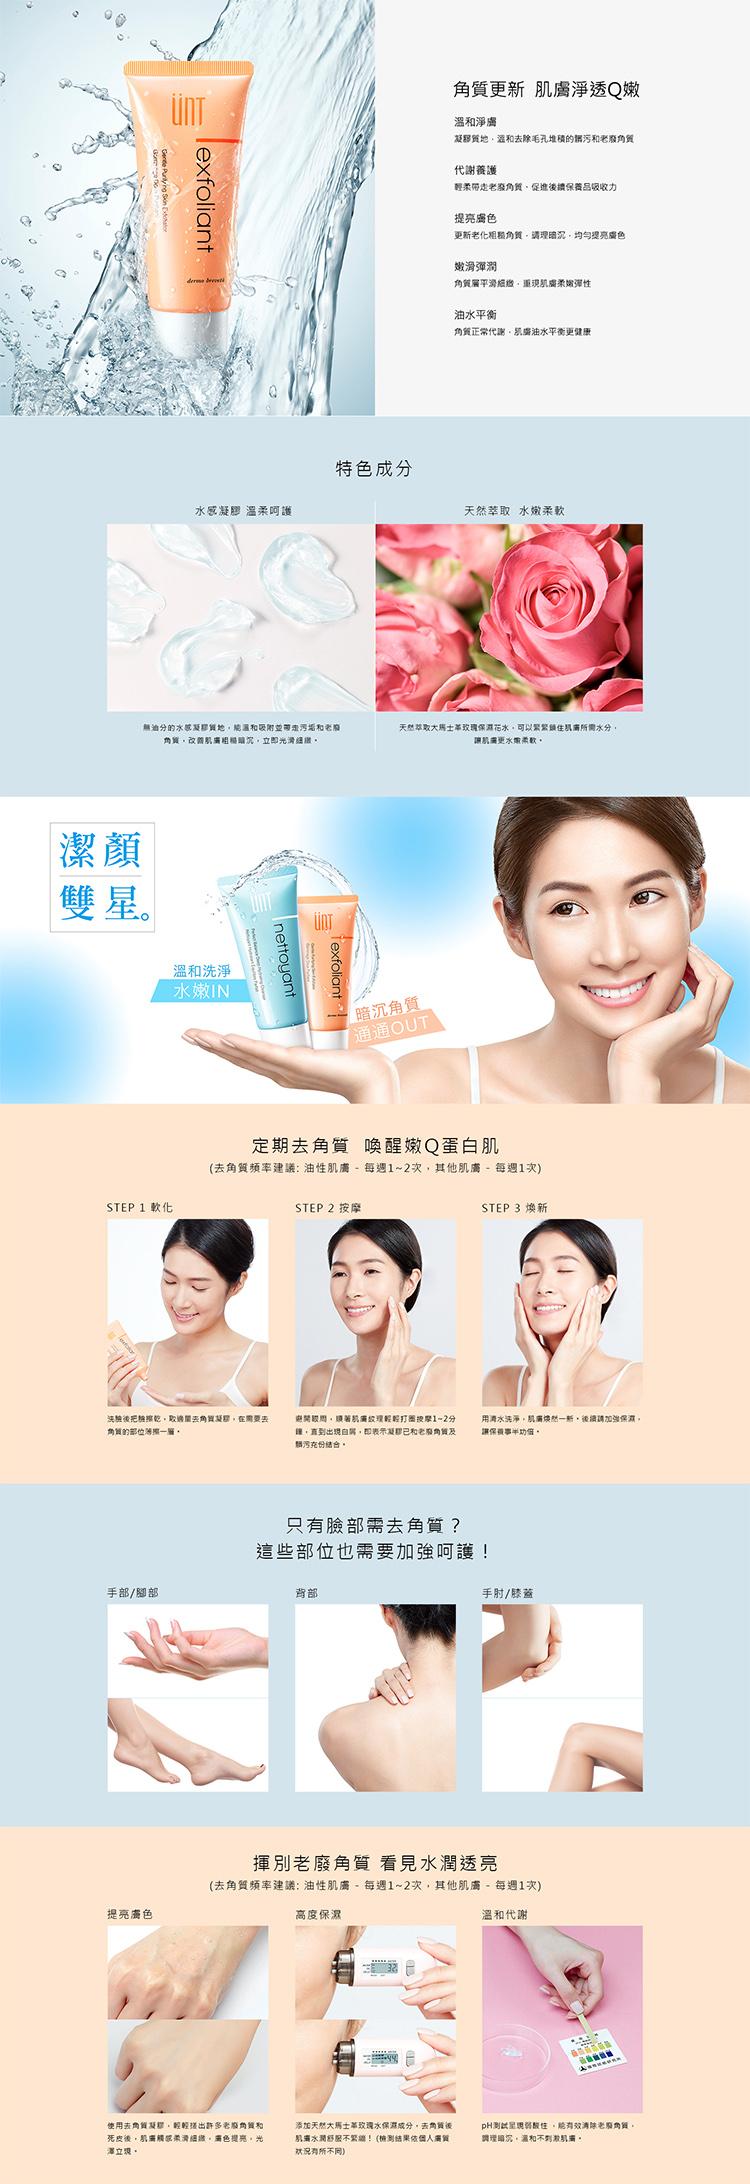 毛孔 去角質 台灣 去角質 去角質 臉部清潔